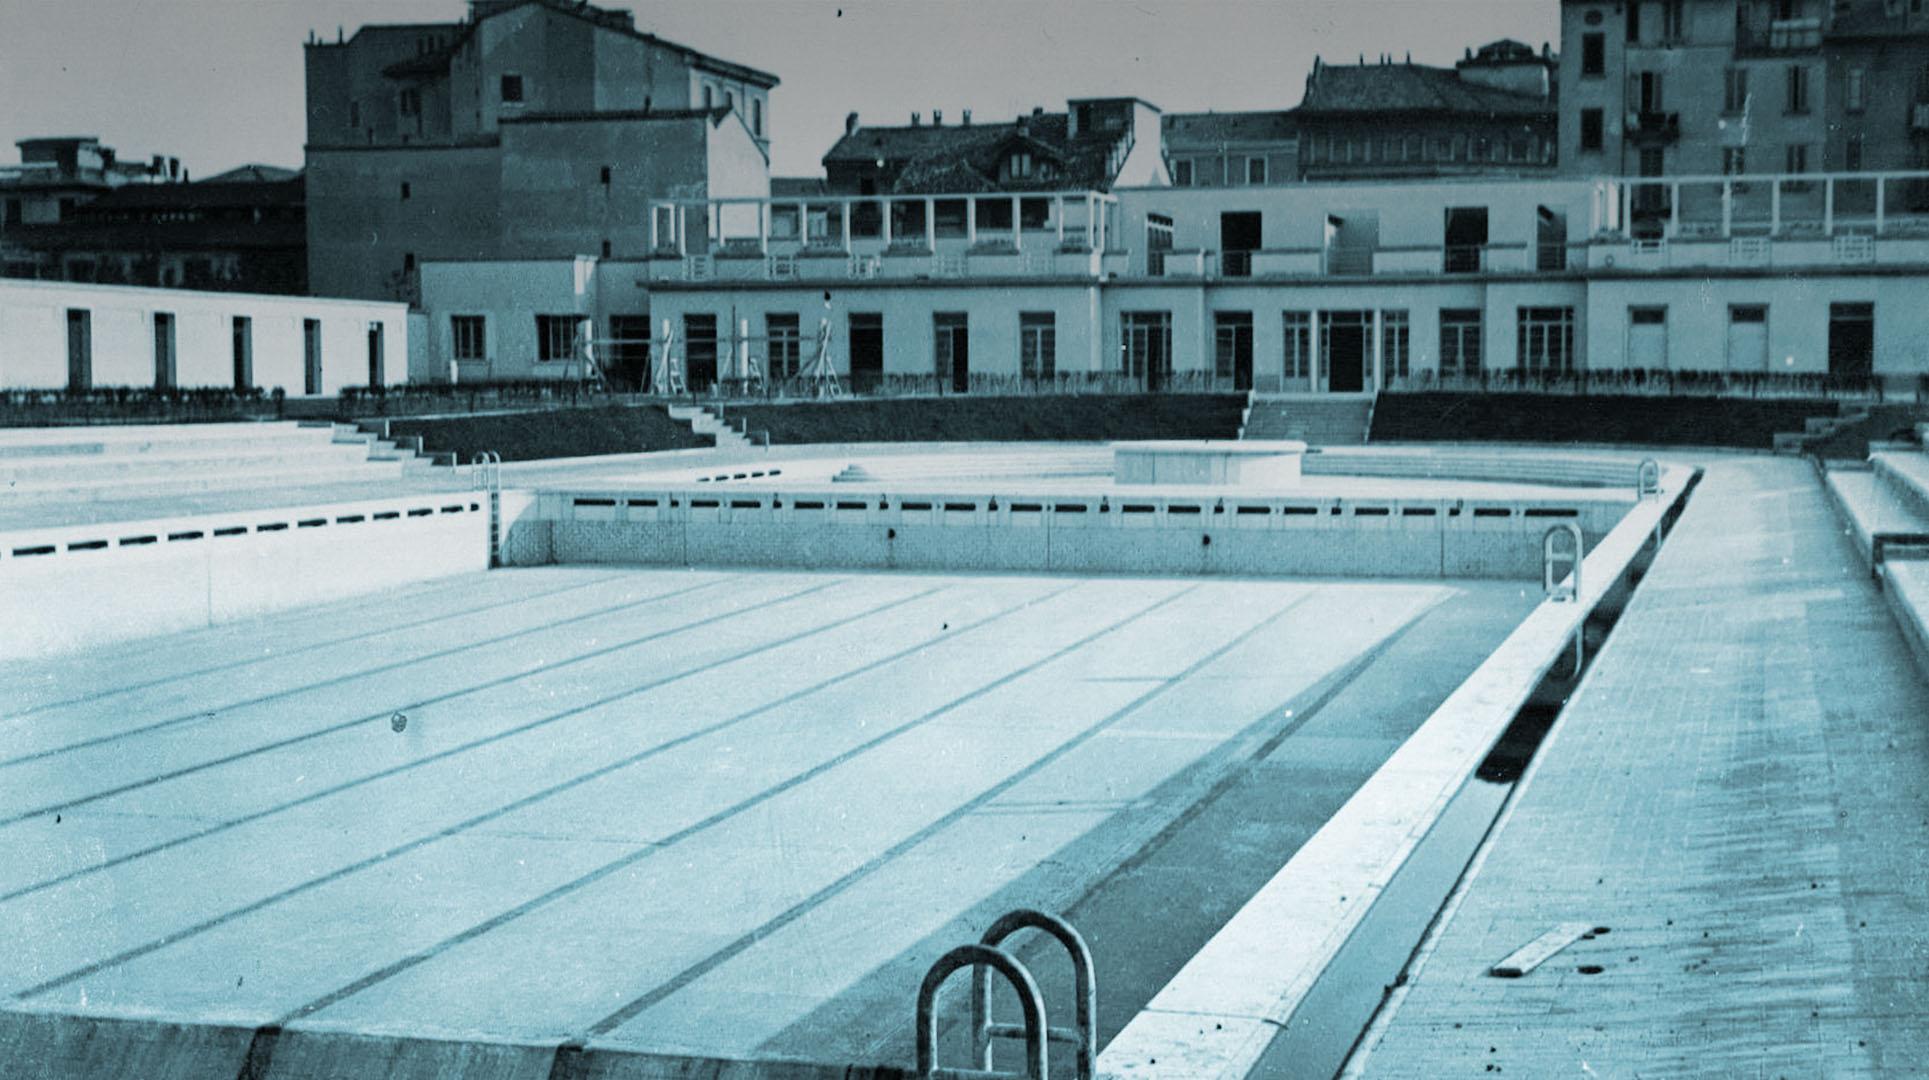 La storia e il progetto u bagni misteriosi u teatro franco parenti